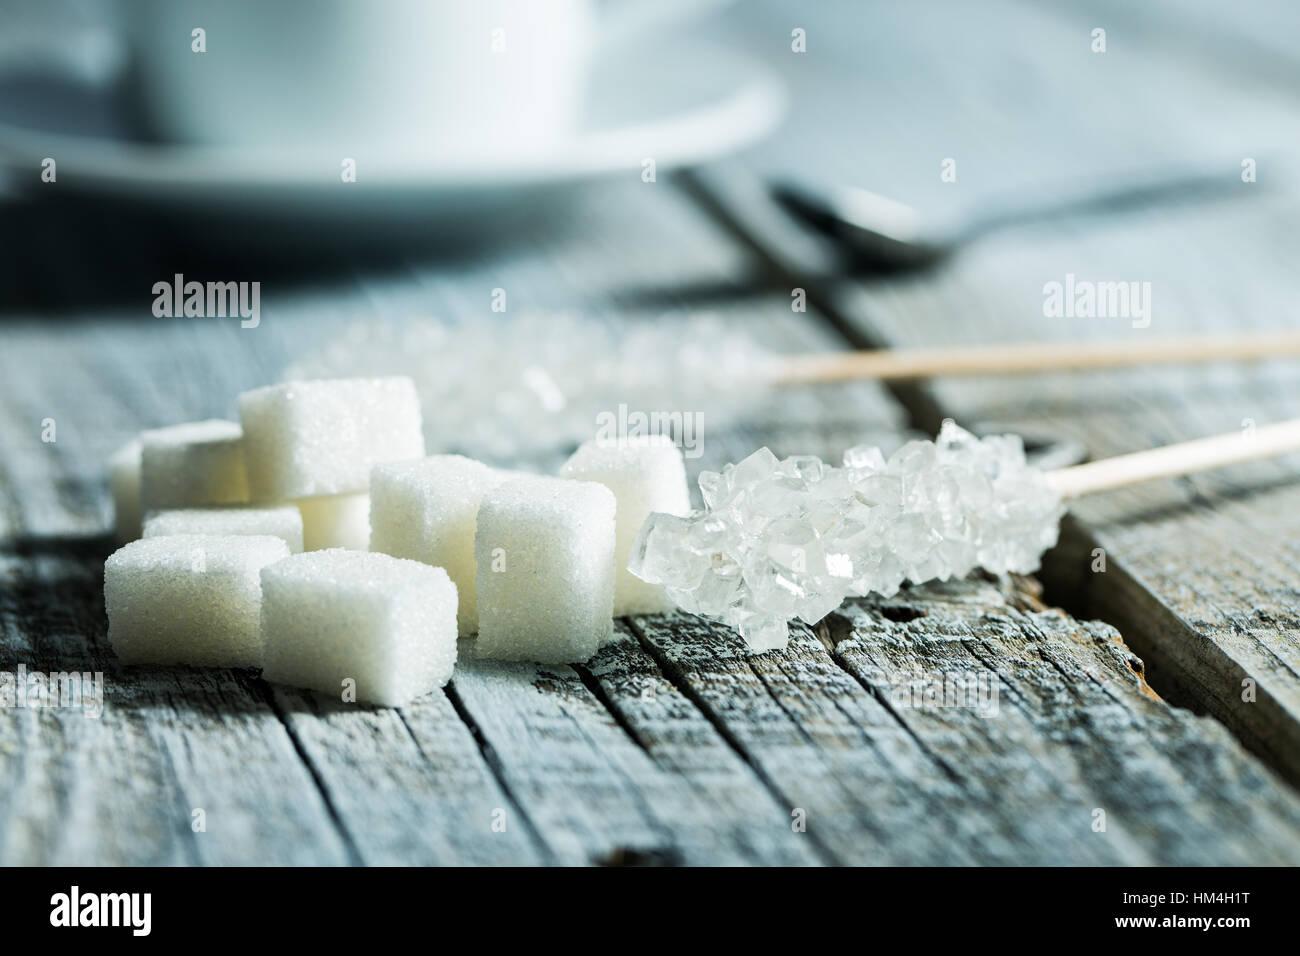 Le sucre cristallisé sur bâtonnet de bois et des morceaux de sucre sur la table en bois. Photo Stock